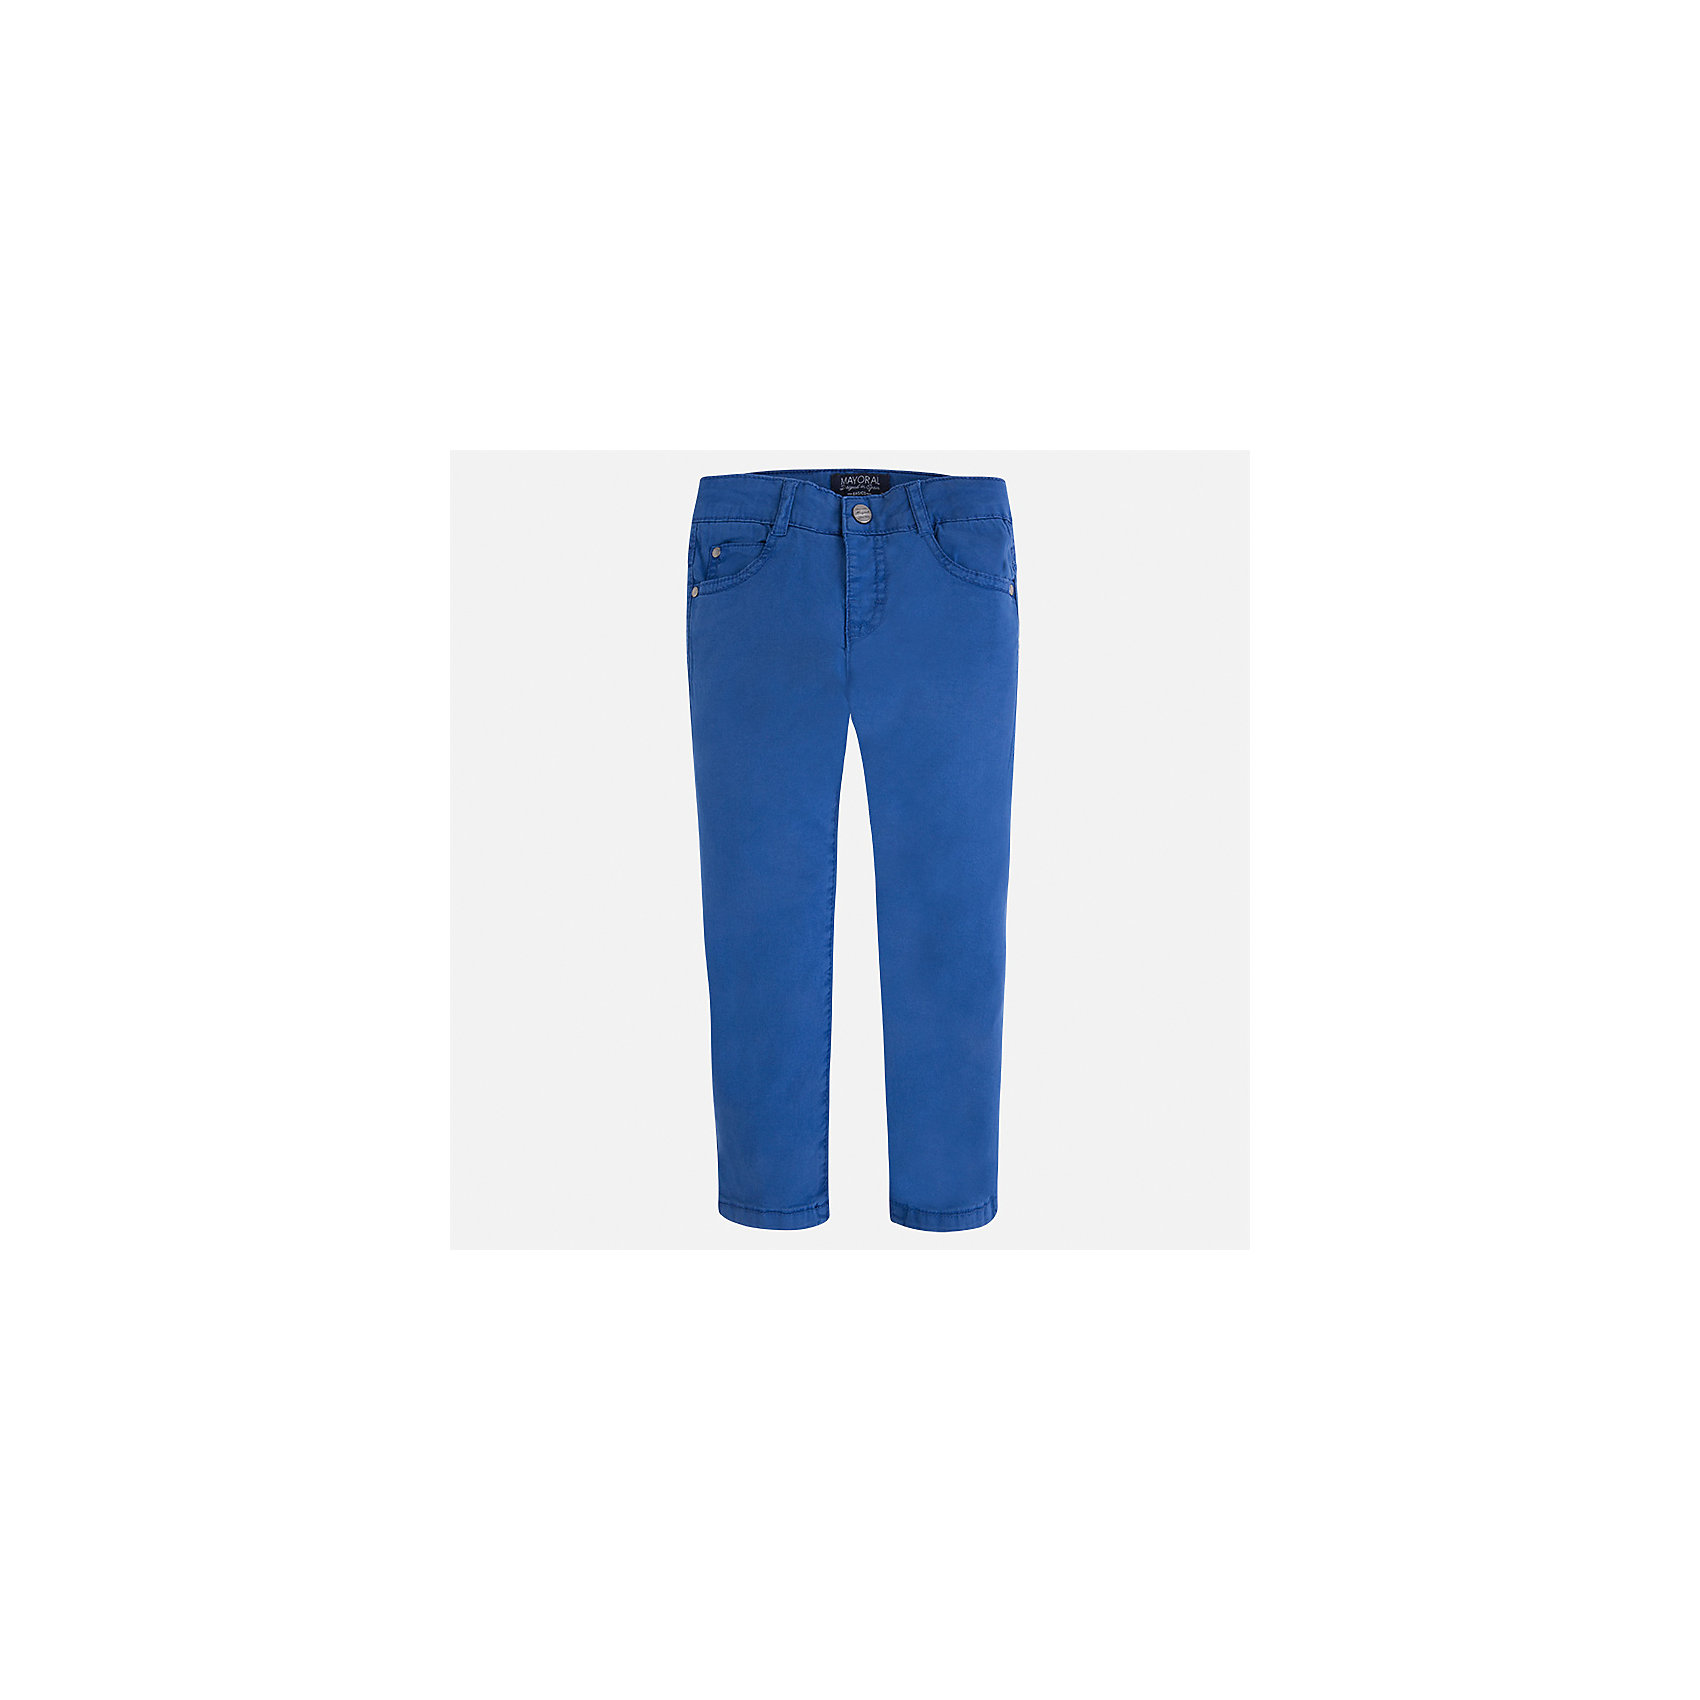 Брюки для мальчика MayoralБрюки<br>Характеристики товара:<br><br>• цвет: синий<br>• состав: 98% хлопок, 2% эластан<br>• застежка: кнопка<br>• шлевки<br>• карманы<br>• пояс с регулировкой размера<br>• классический силуэт<br>• страна бренда: Испания<br><br>Модные брюки для мальчика смогут стать базовой вещью в гардеробе ребенка. Они отлично сочетаются с майками, футболками, рубашками и т.д. Универсальный крой и цвет позволяет подобрать к вещи верх разных расцветок. Практичное и стильное изделие! В составе материала - натуральный хлопок, гипоаллергенный, приятный на ощупь, дышащий.<br><br>Одежда, обувь и аксессуары от испанского бренда Mayoral полюбились детям и взрослым по всему миру. Модели этой марки - стильные и удобные. Для их производства используются только безопасные, качественные материалы и фурнитура. Порадуйте ребенка модными и красивыми вещами от Mayoral! <br><br>Брюки для мальчика от испанского бренда Mayoral (Майорал) можно купить в нашем интернет-магазине.<br><br>Ширина мм: 215<br>Глубина мм: 88<br>Высота мм: 191<br>Вес г: 336<br>Цвет: синий<br>Возраст от месяцев: 96<br>Возраст до месяцев: 108<br>Пол: Мужской<br>Возраст: Детский<br>Размер: 134,128,122,92,98,104,110,116<br>SKU: 5278044